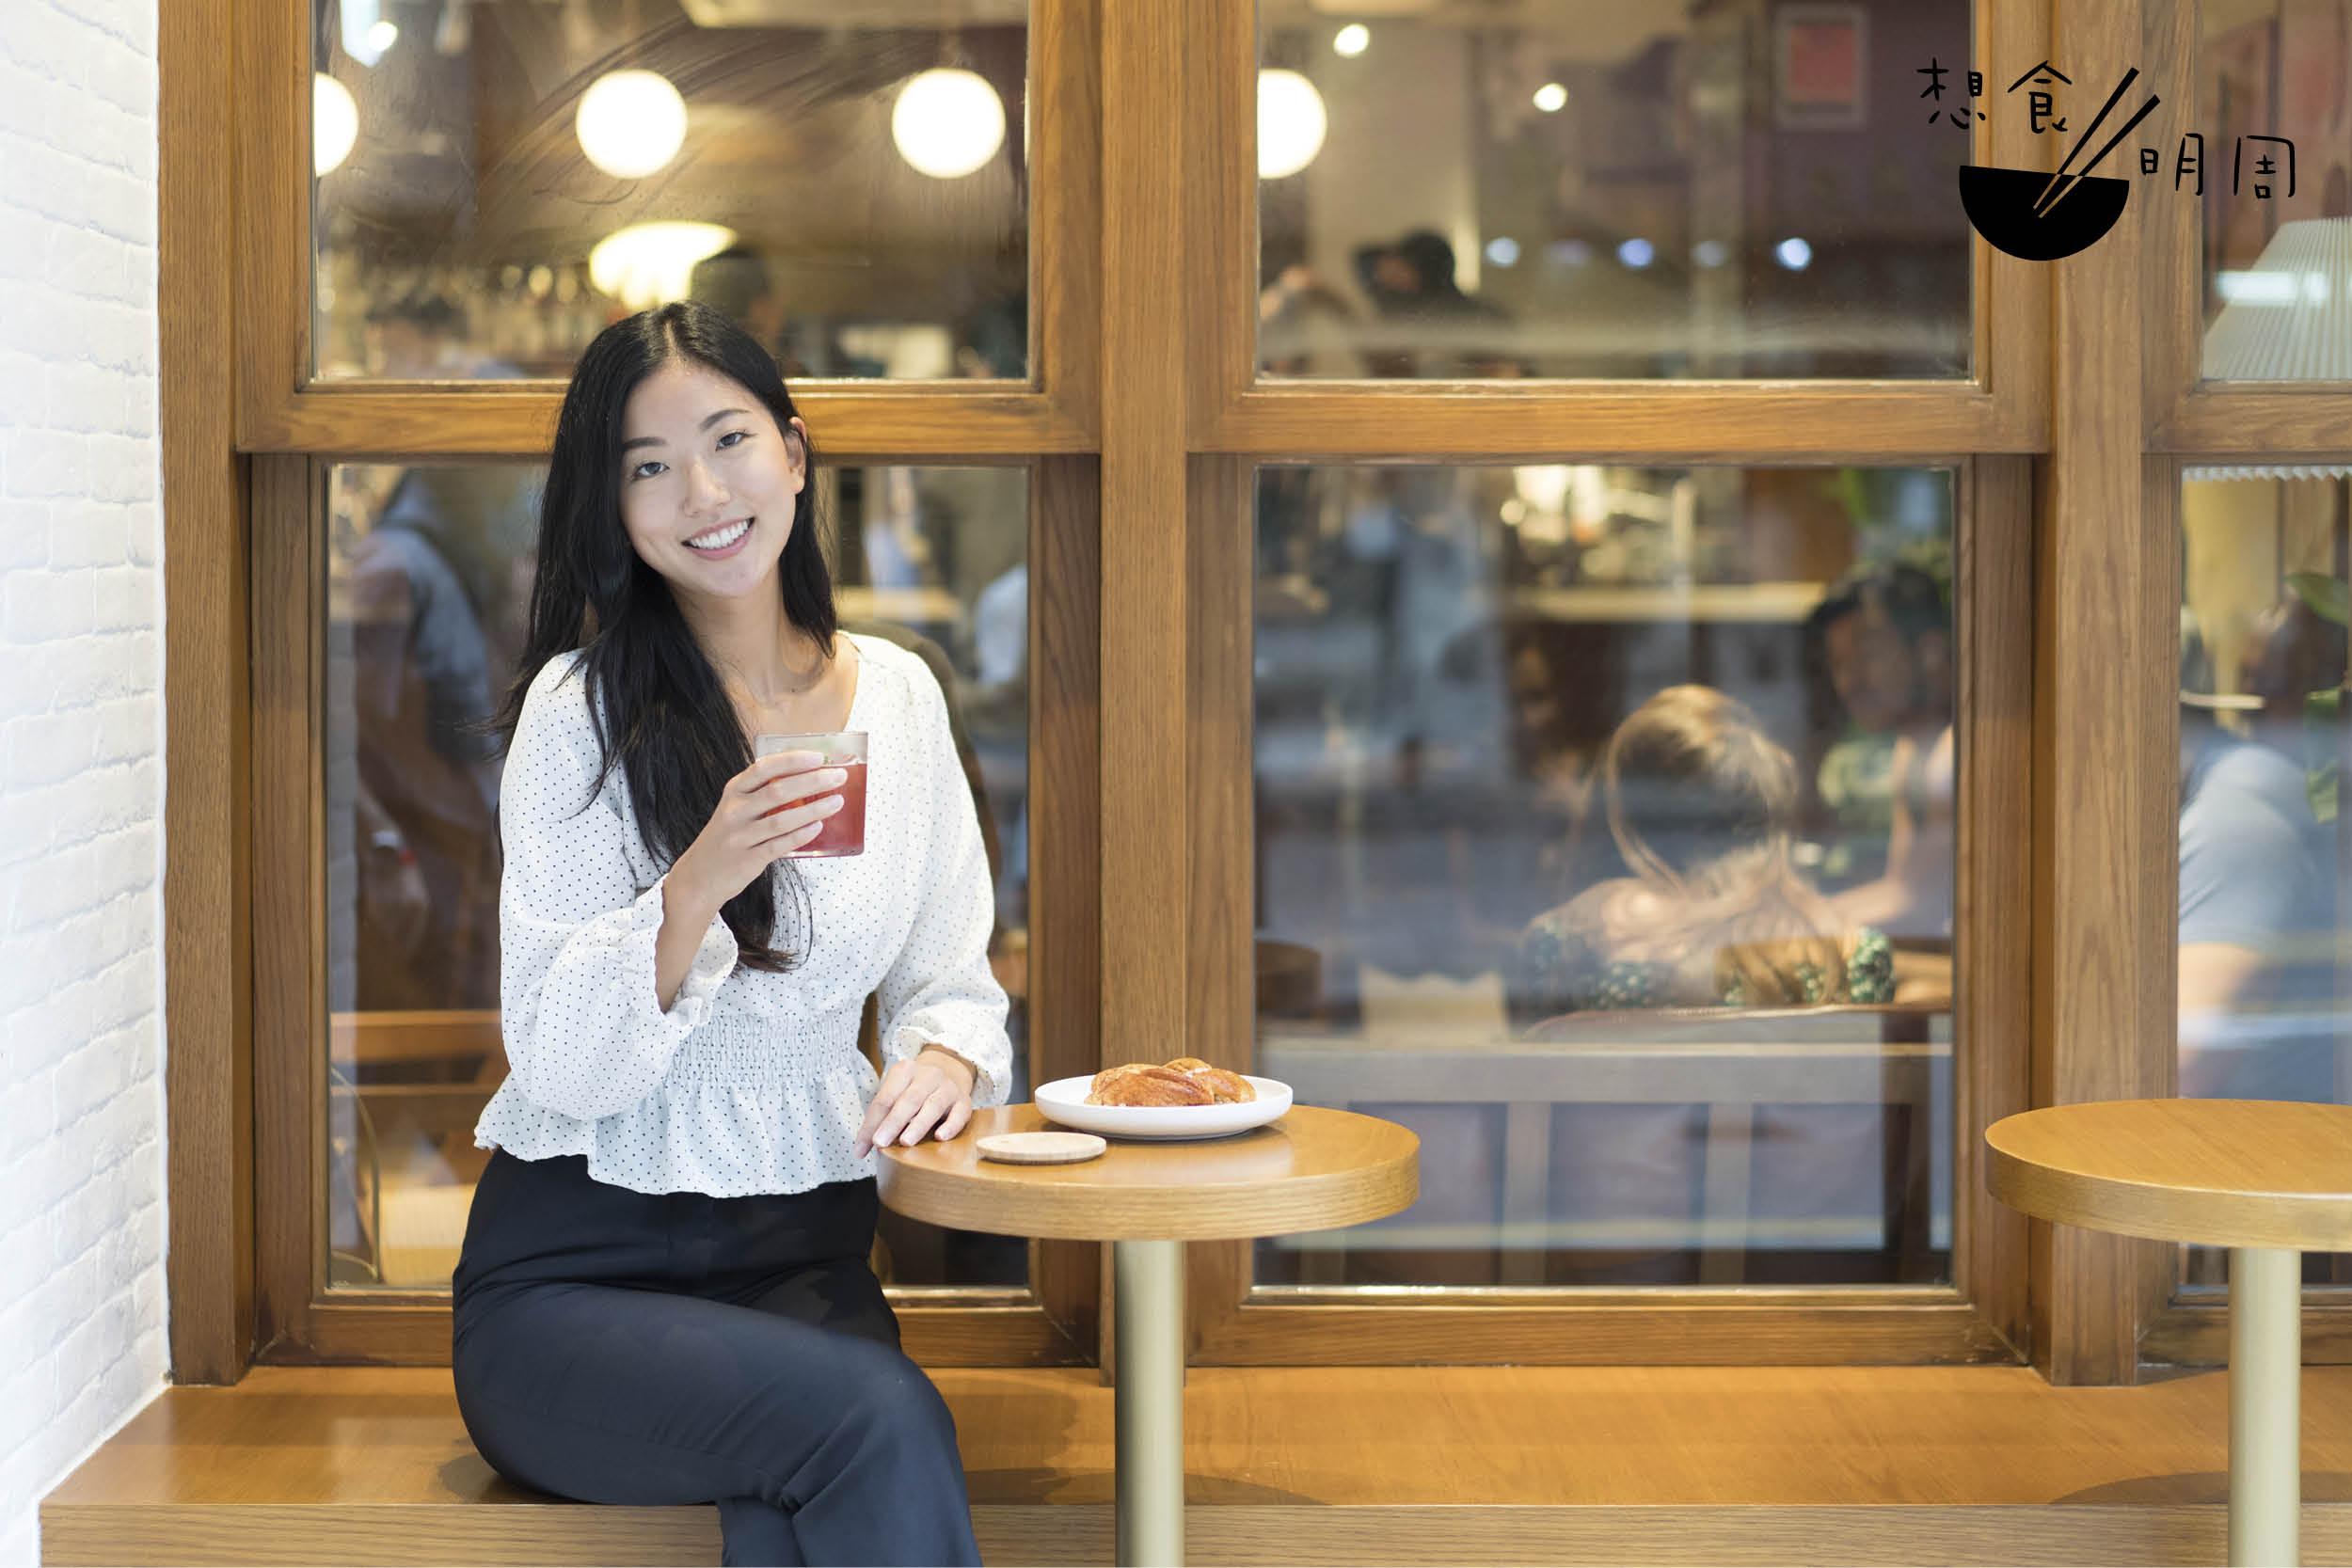 香港人總是喜歡坐在門前位打卡影相,但在外國,安坐在門前飲啡實在與打卡無關,「在挪威甚或是西方國家,outdoor seating很常見,大家都純粹是想在露天/室外空間感受自然、享受明媚的日光,看看來往的人與事,僅止如此。」